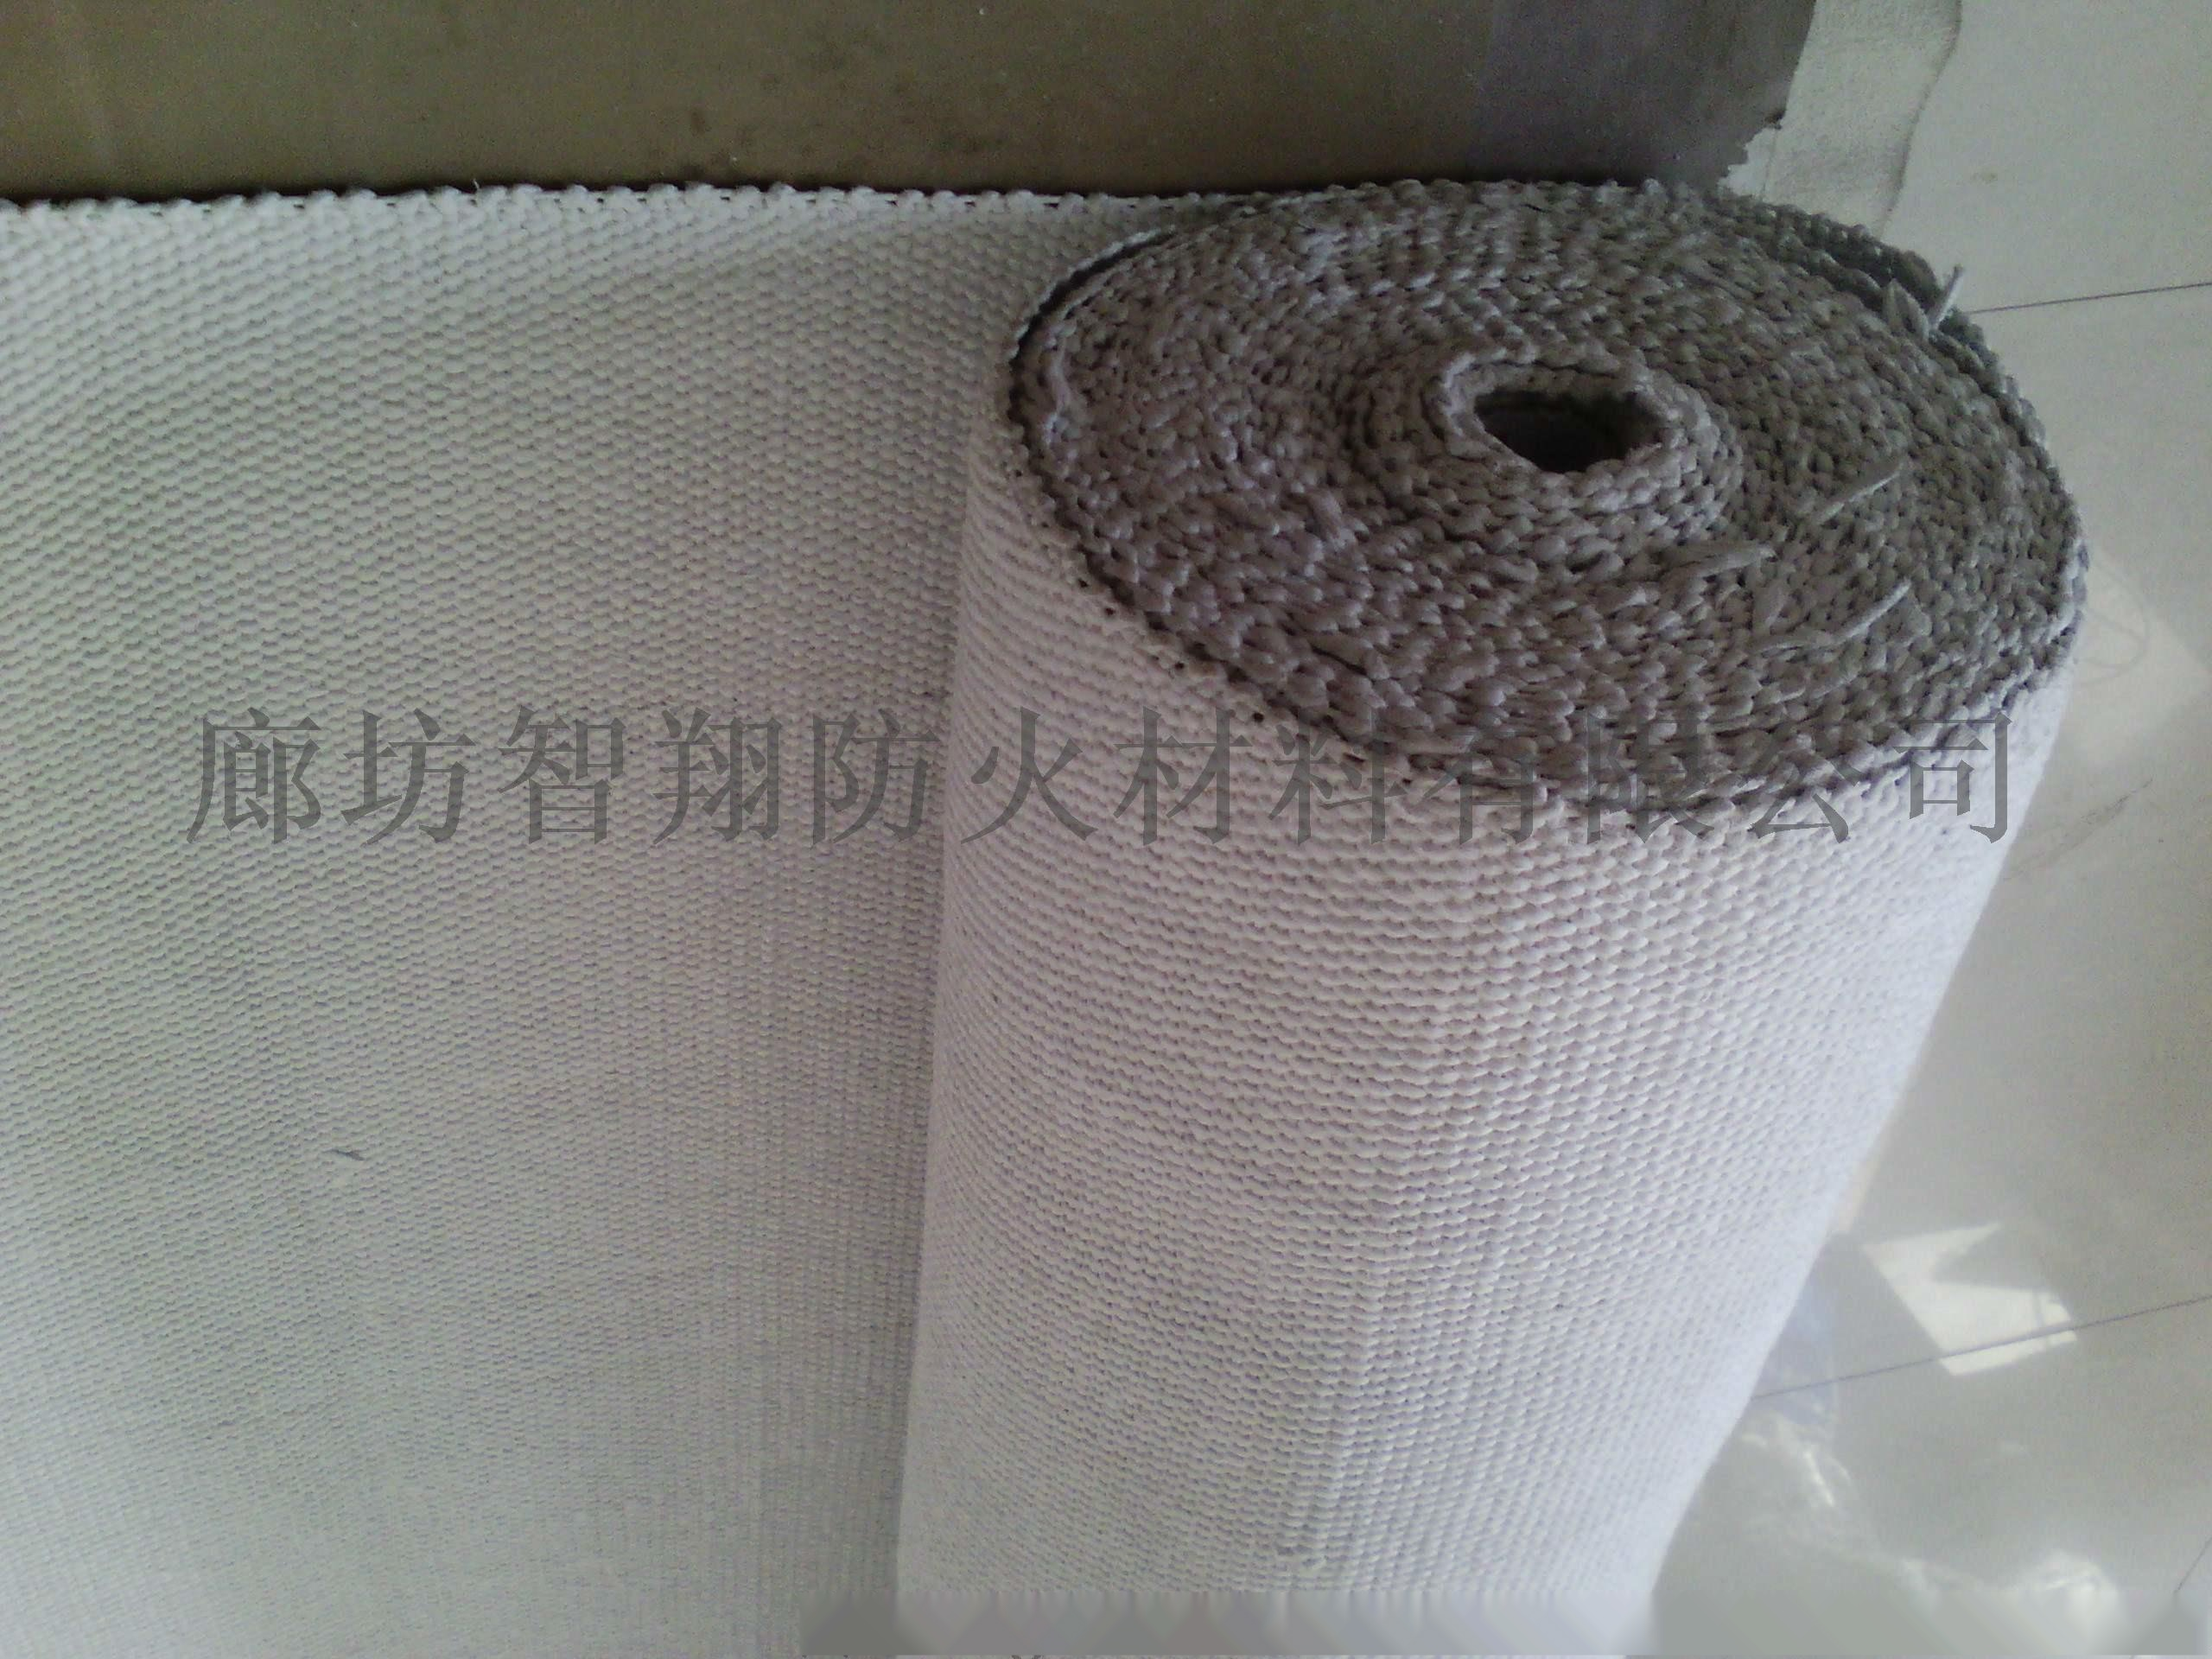 耐热电焊无尘石棉布厂家777845052